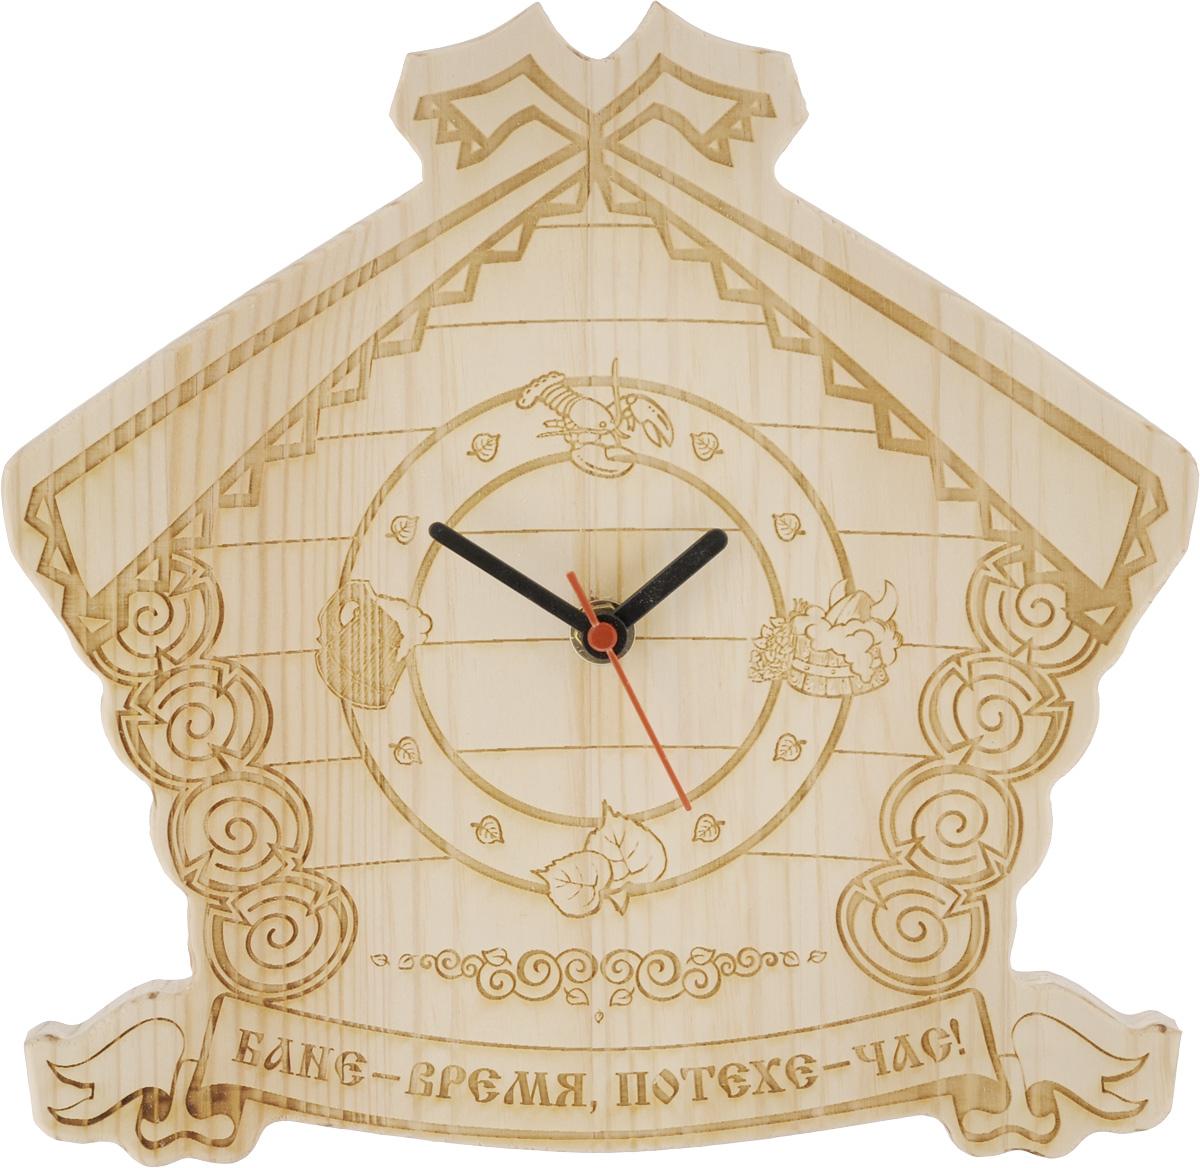 Часы настенные Доктор баня Домик, для бани и сауны. 904727904727_дизайн 2Настенные часы Доктор баня, выполненные из дерева в виде домика, подчеркнут оригинальность интерьера вашей бани или сауны. Изделие декорировано фигурной резьбой. Циферблат оформлен изображением рака, пивной кружки, листьев и ушата с веником. Часы имеют три стрелки - часовую, минутную и секундную. Внизу расположена надпись: Бане - время, потехе - час!. Такие часы отлично дополнят интерьер бани и послужат прекрасным подарком для всех ценителей банных процедур. С обратной стороны часов имеется отверстие для подвешивания на стену. Часы работают от 1 батарейки типа АА (в комплект не входит).